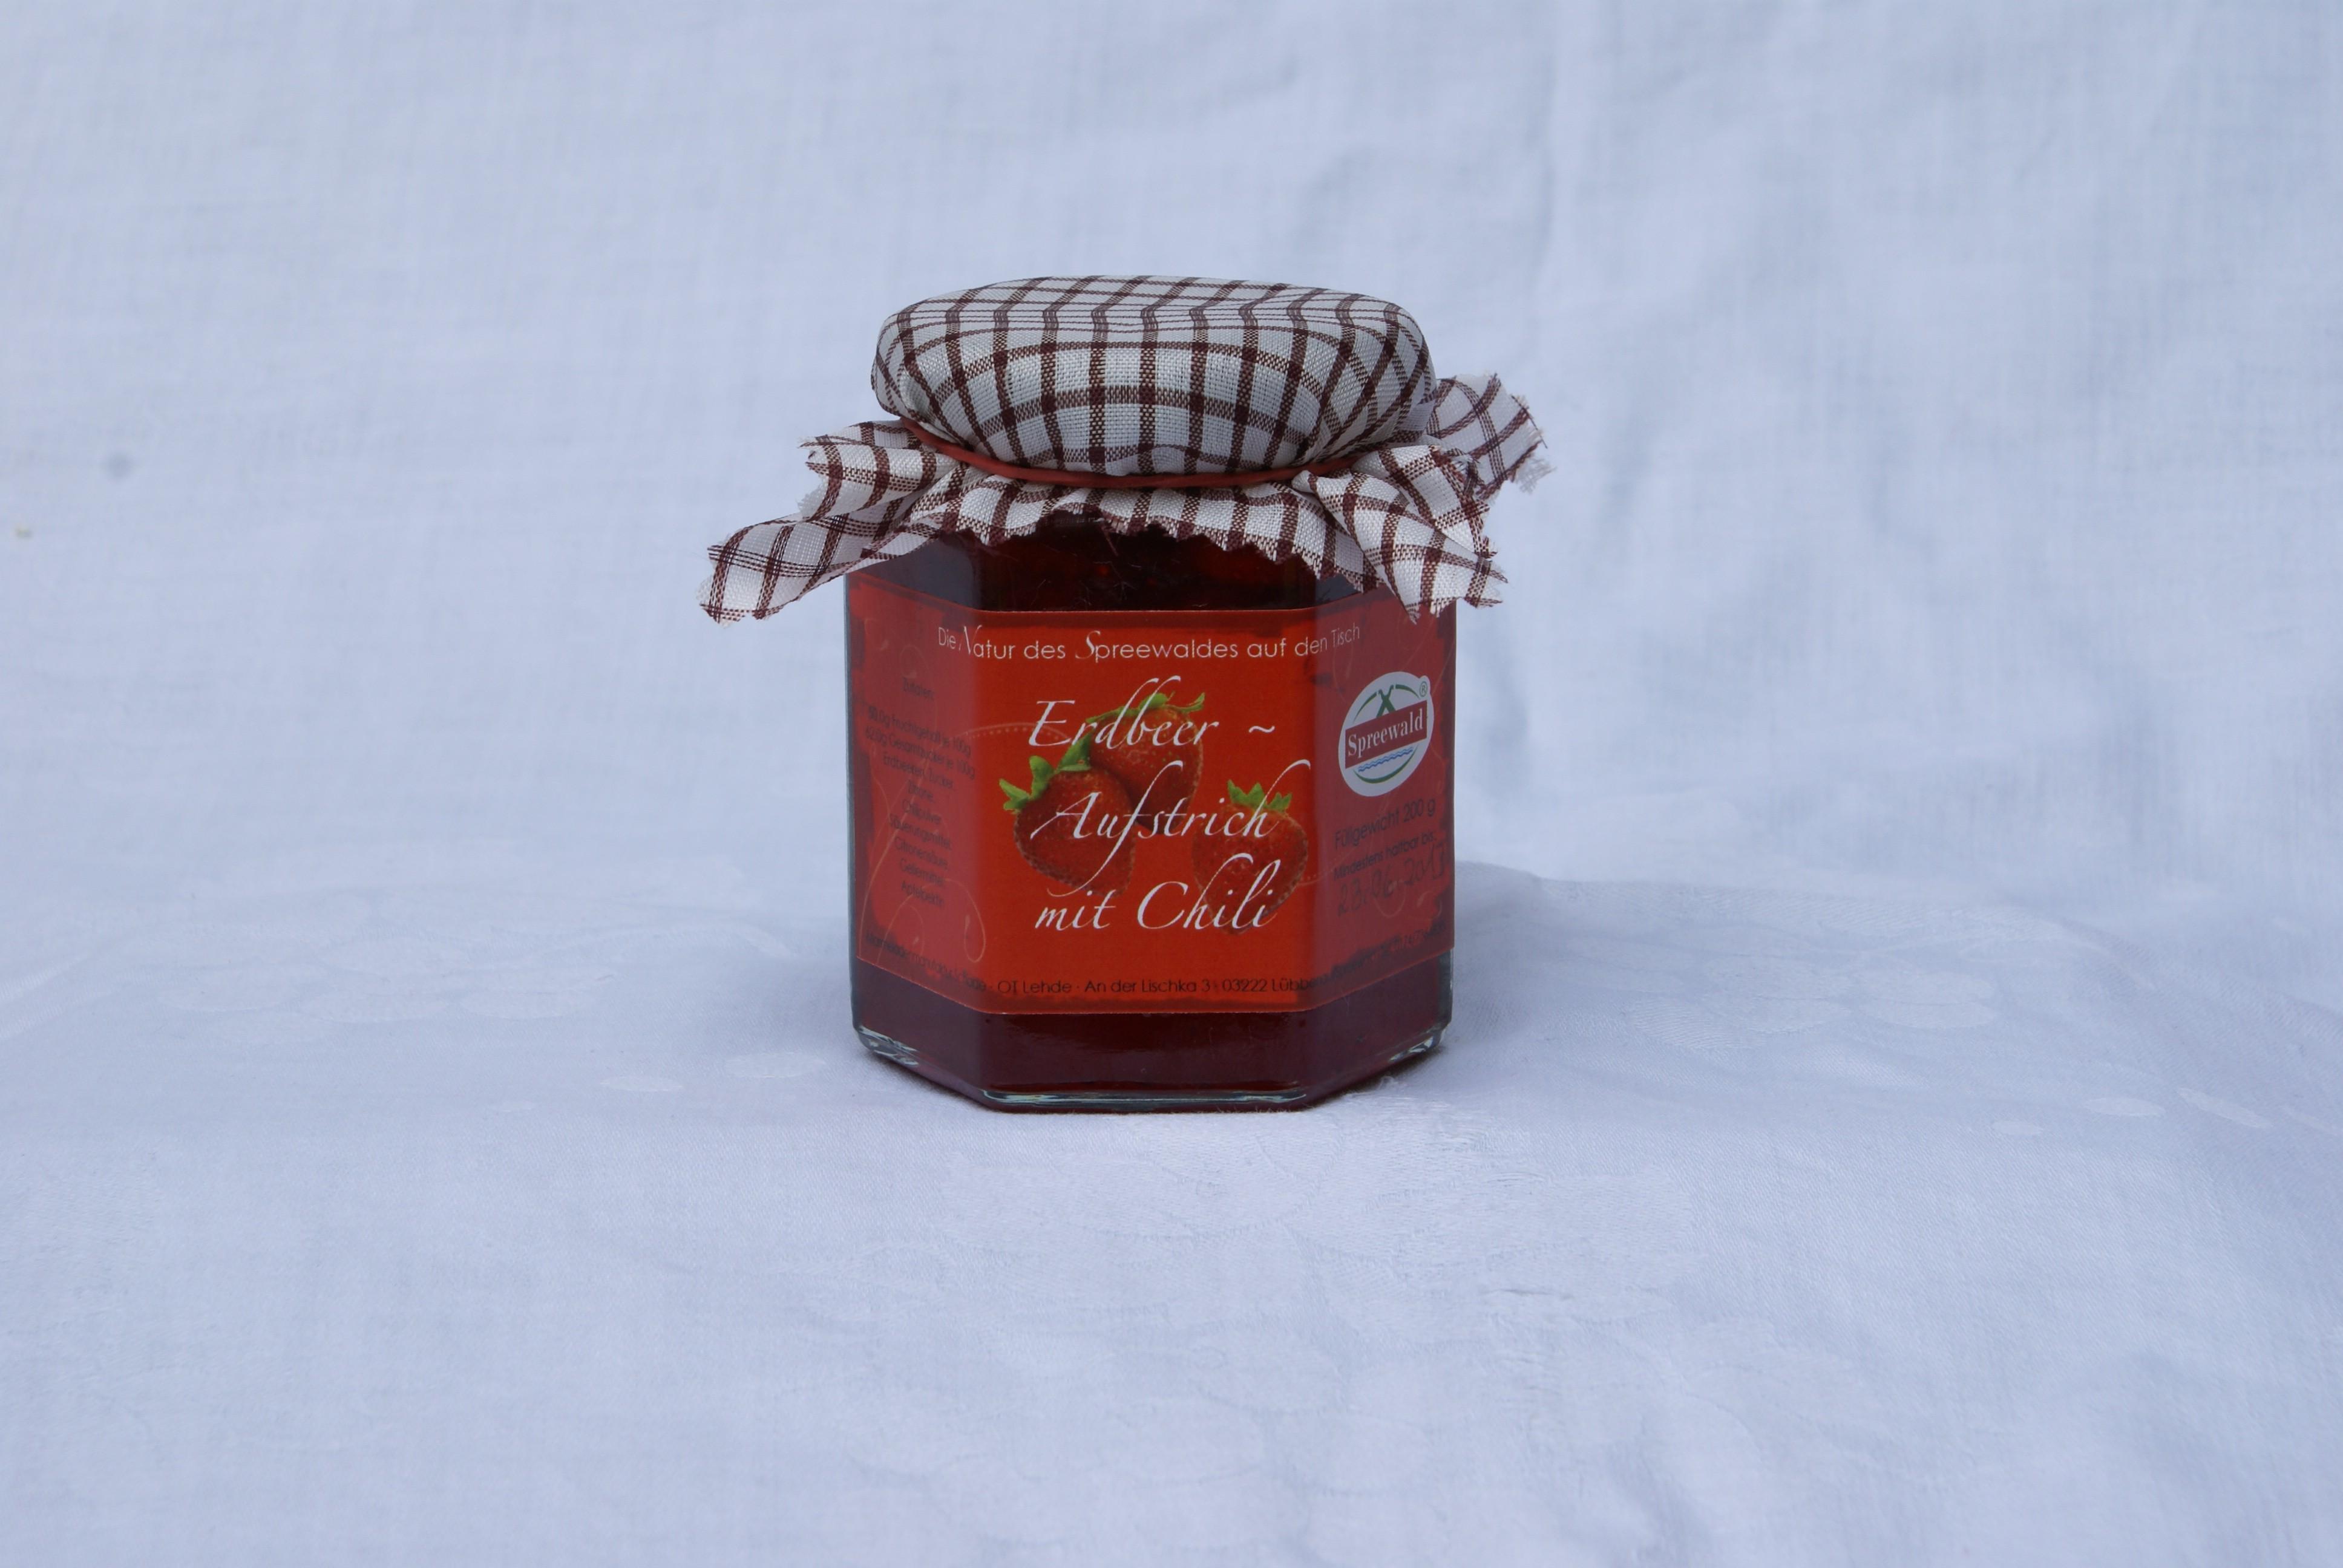 Erdbeer-Chili-Aufstrich